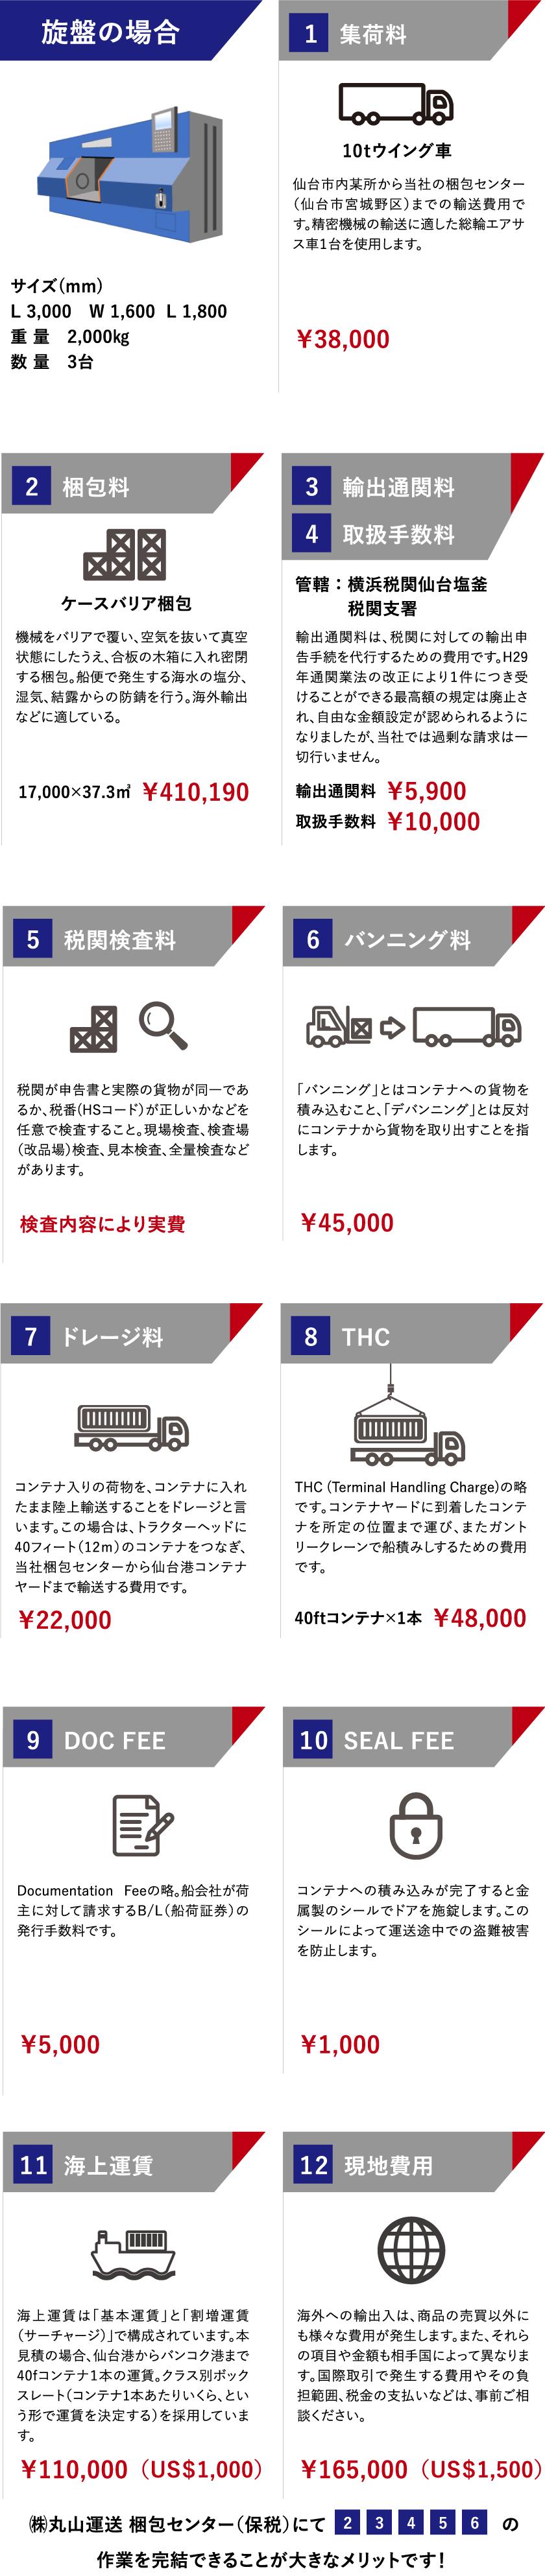 旋盤の輸出(日本⇒タイ)の流れ